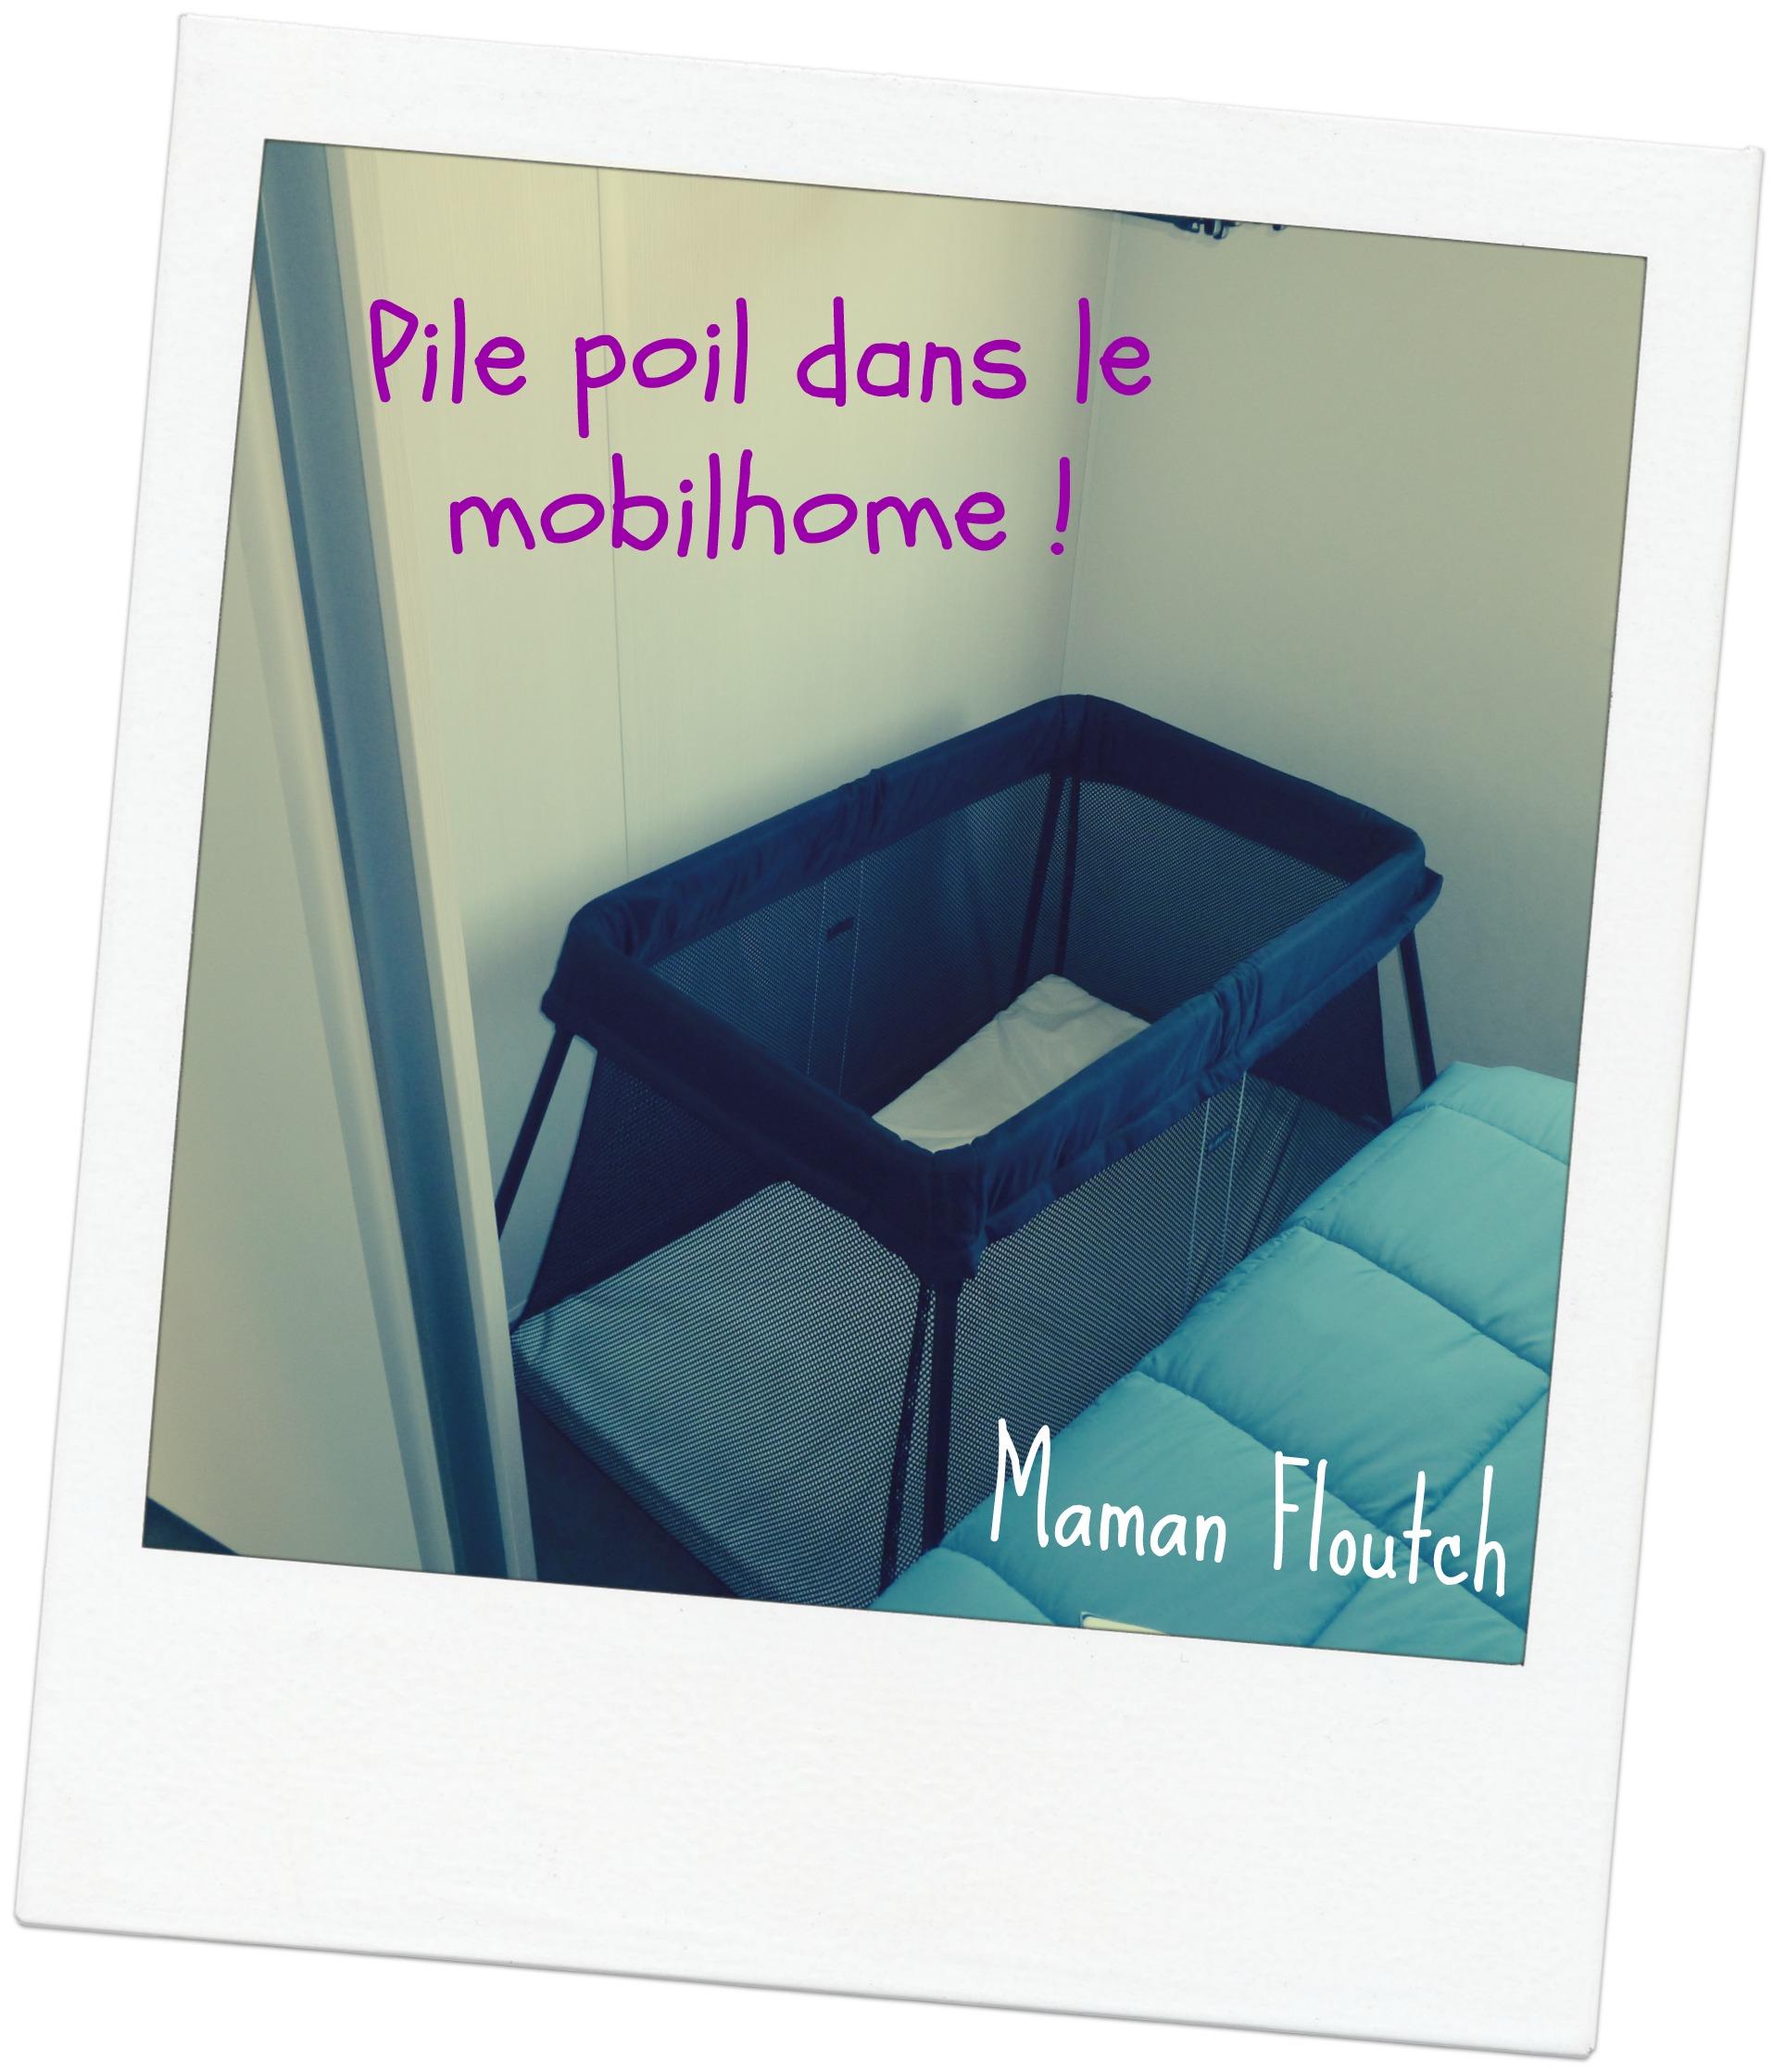 le lit parapluie light de babybjorn chez les floutch maman floutch blog pour mamans parents. Black Bedroom Furniture Sets. Home Design Ideas